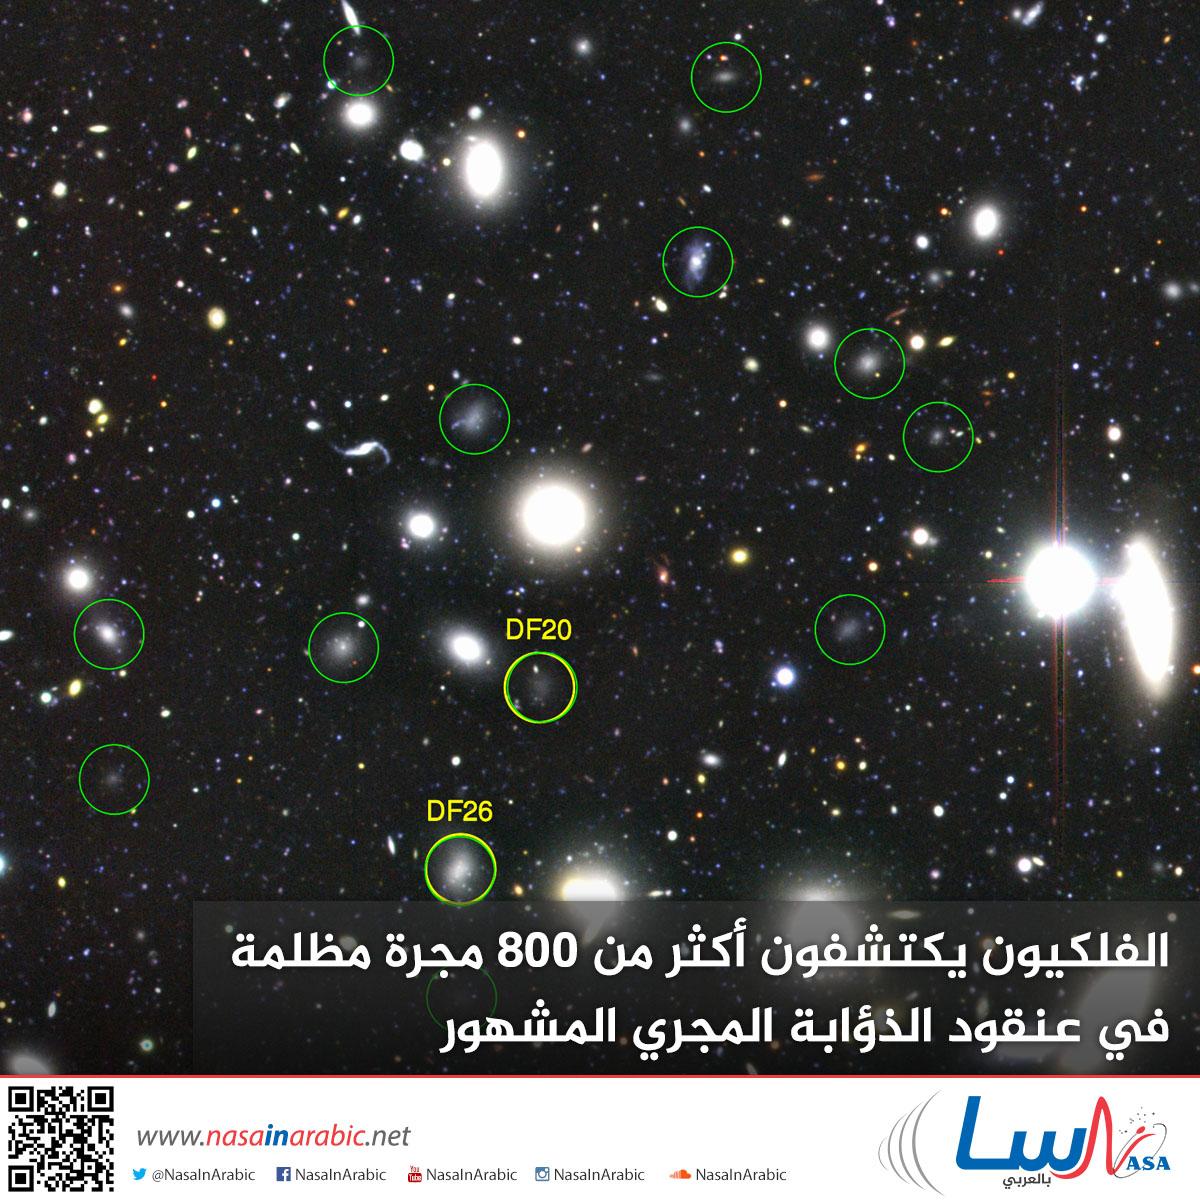 الفلكيون يكتشفون أكثر من 800 مجرة مظلمة في عنقود الذؤابة المجري المشهور